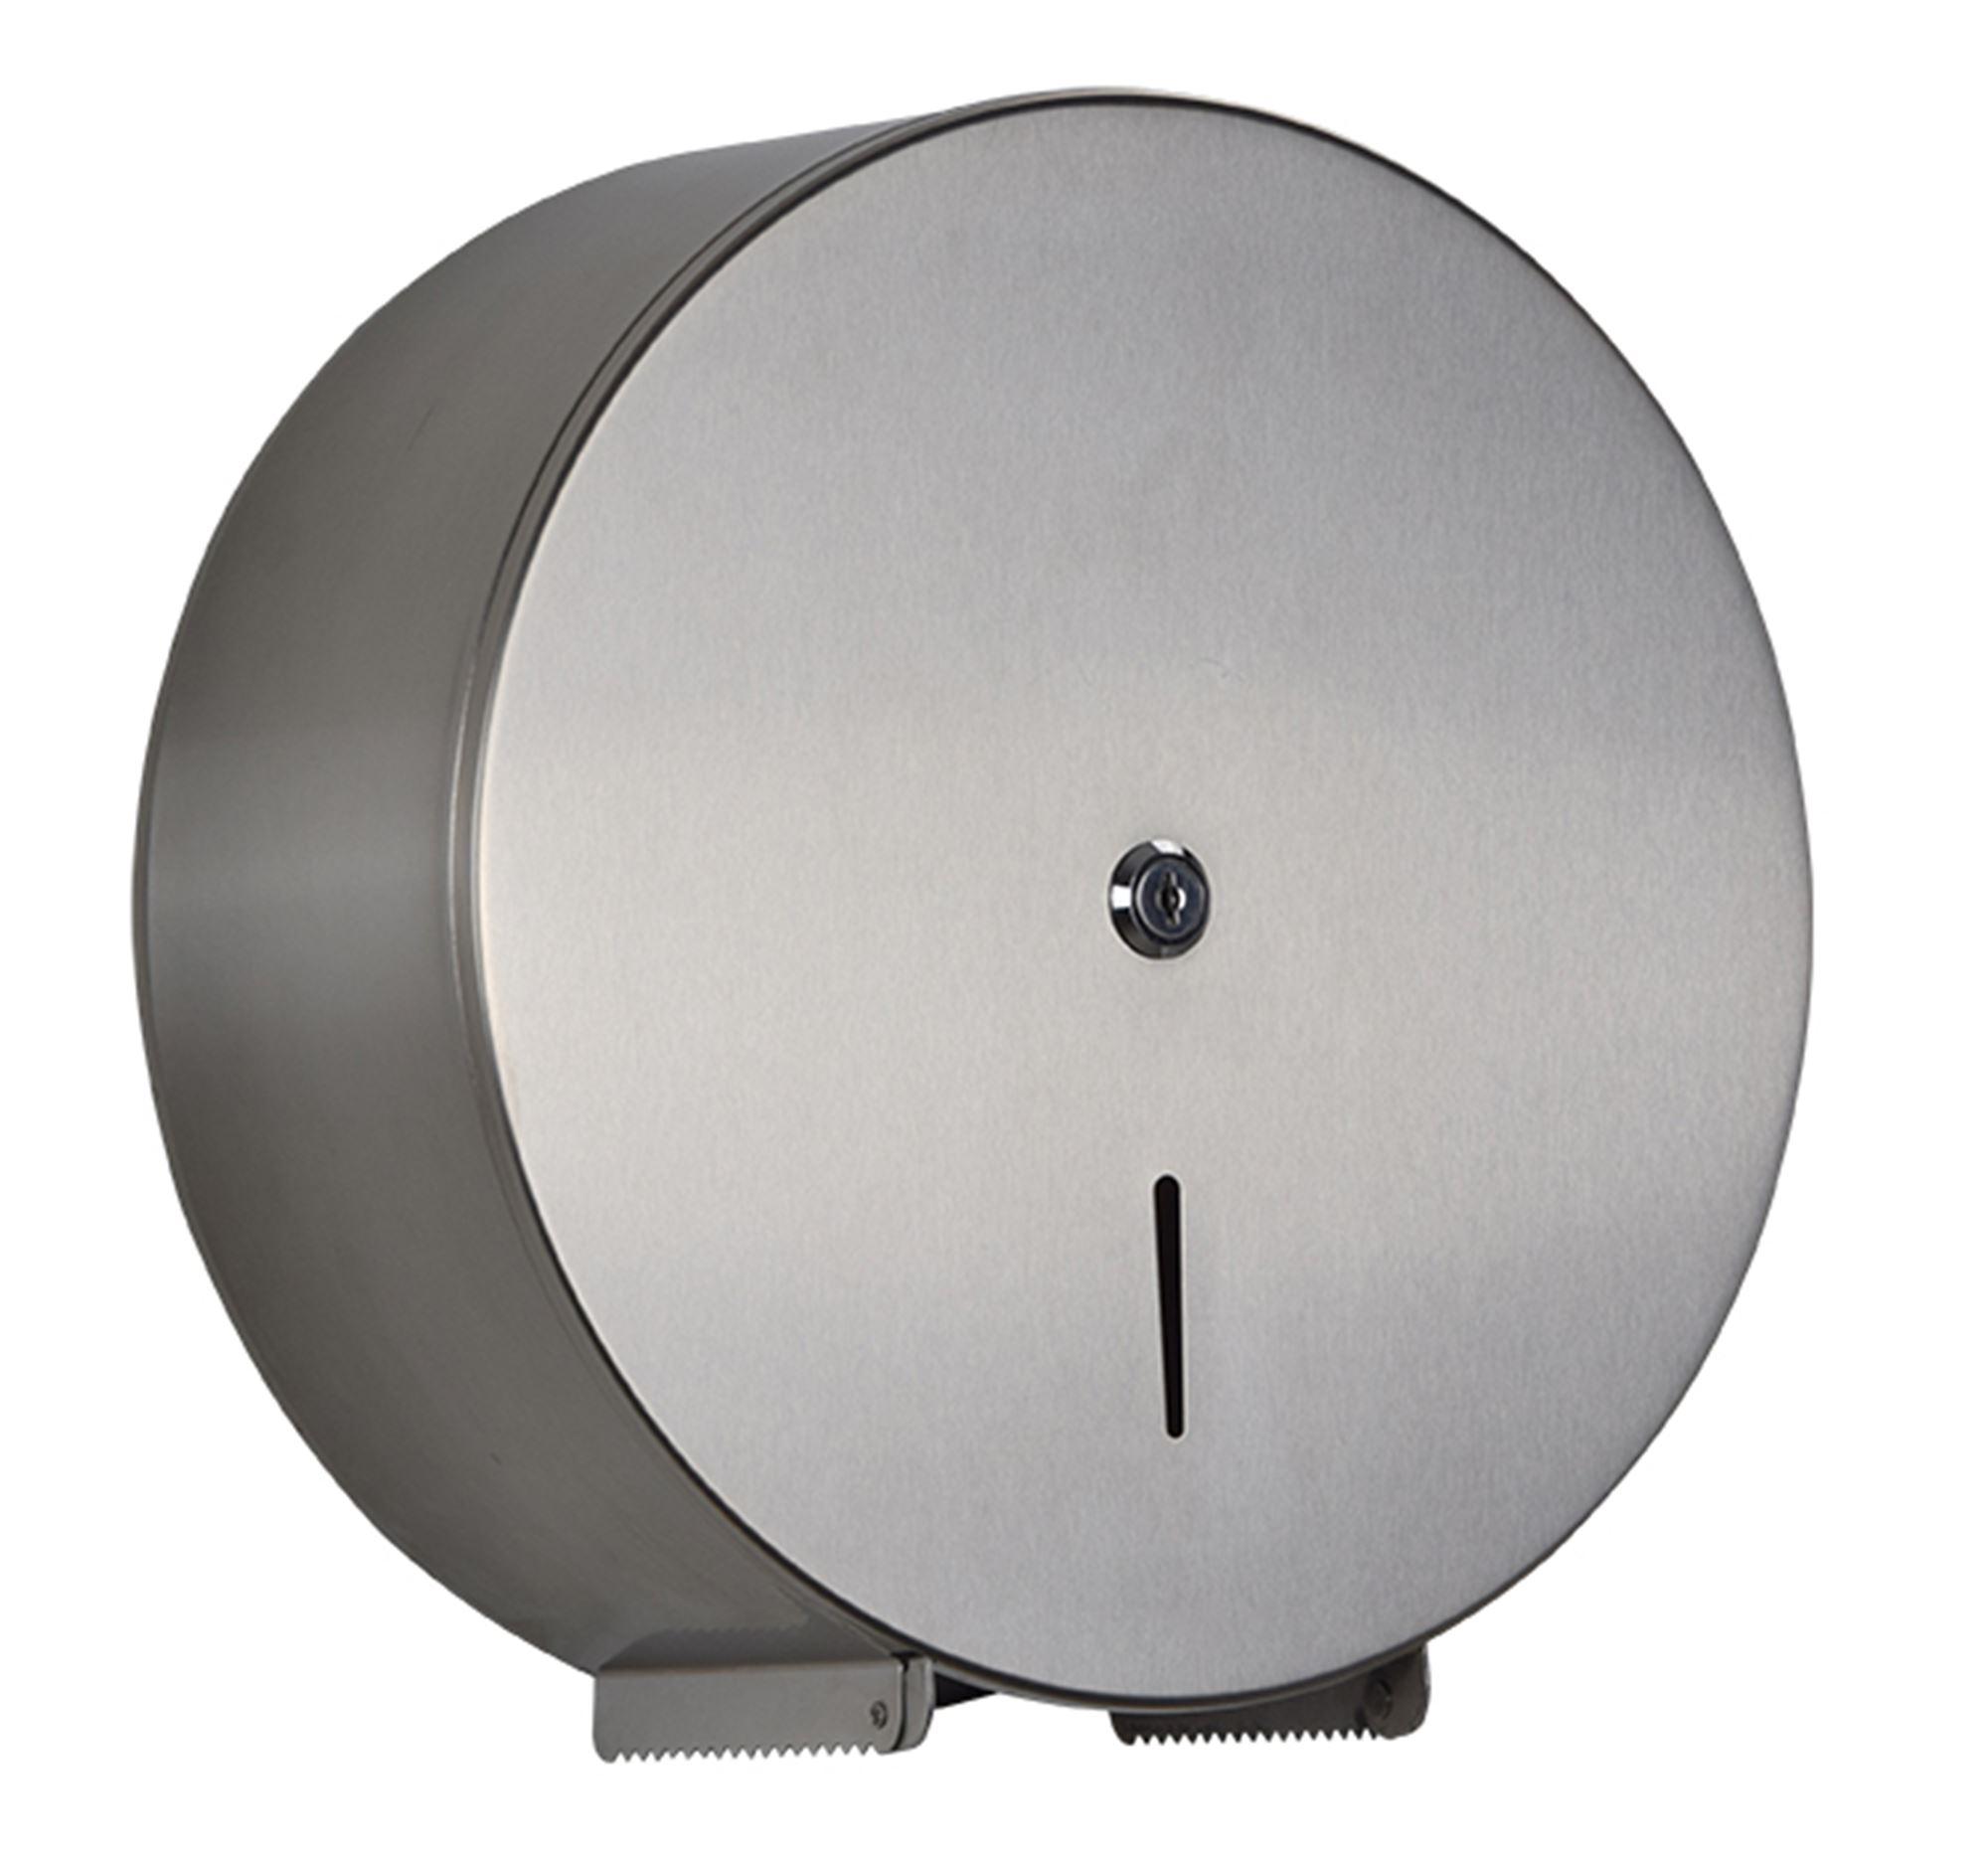 Dérouleur Papier Wc Metal distributeur papier toilette jumbo acier inox brossé